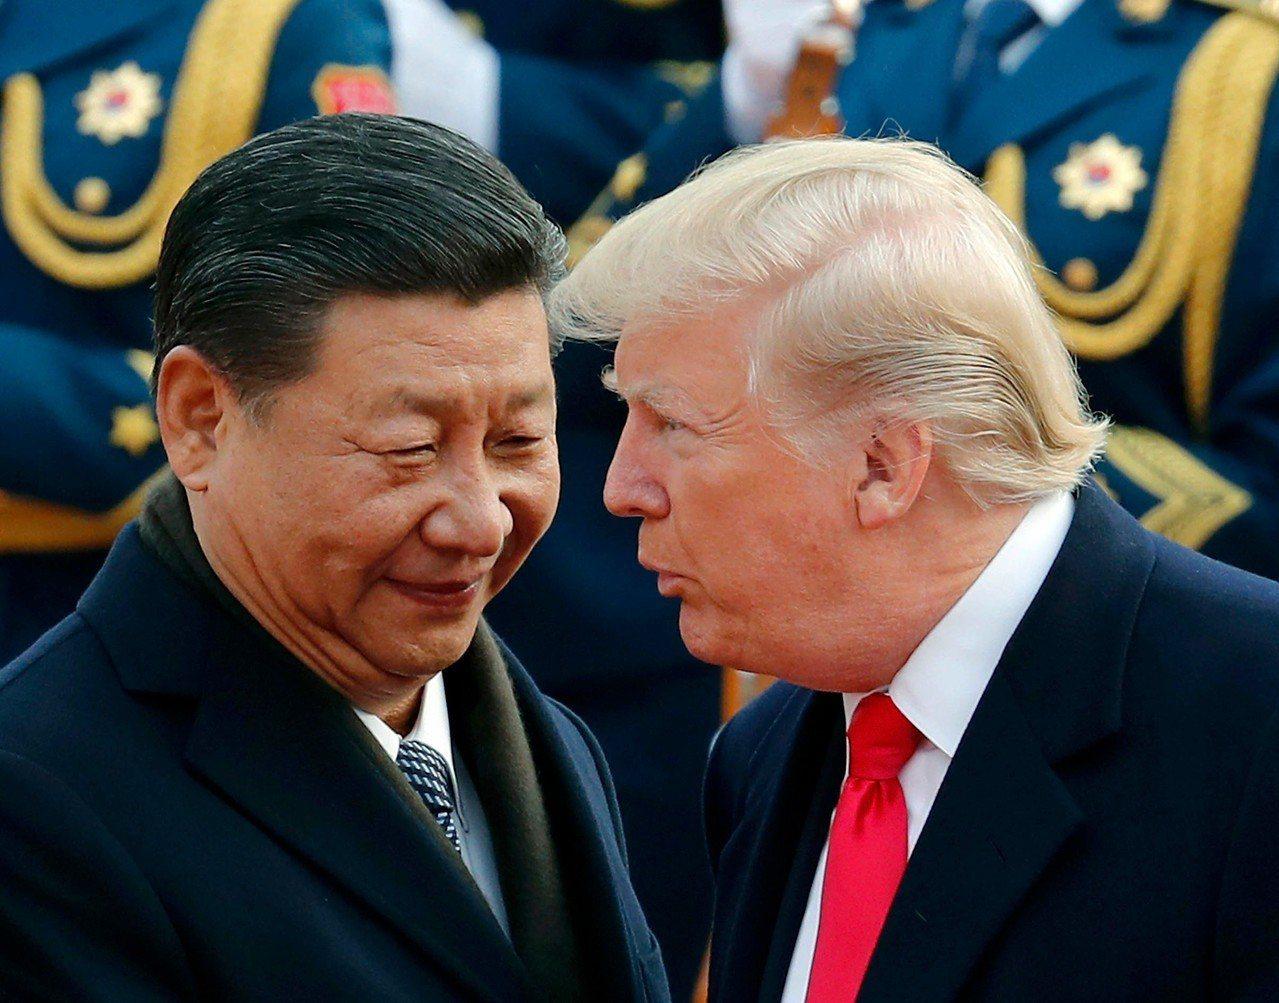 美國總統川普(左)去年11月訪問大陸,受到大陸國家主席習近平高規格款待。美聯社